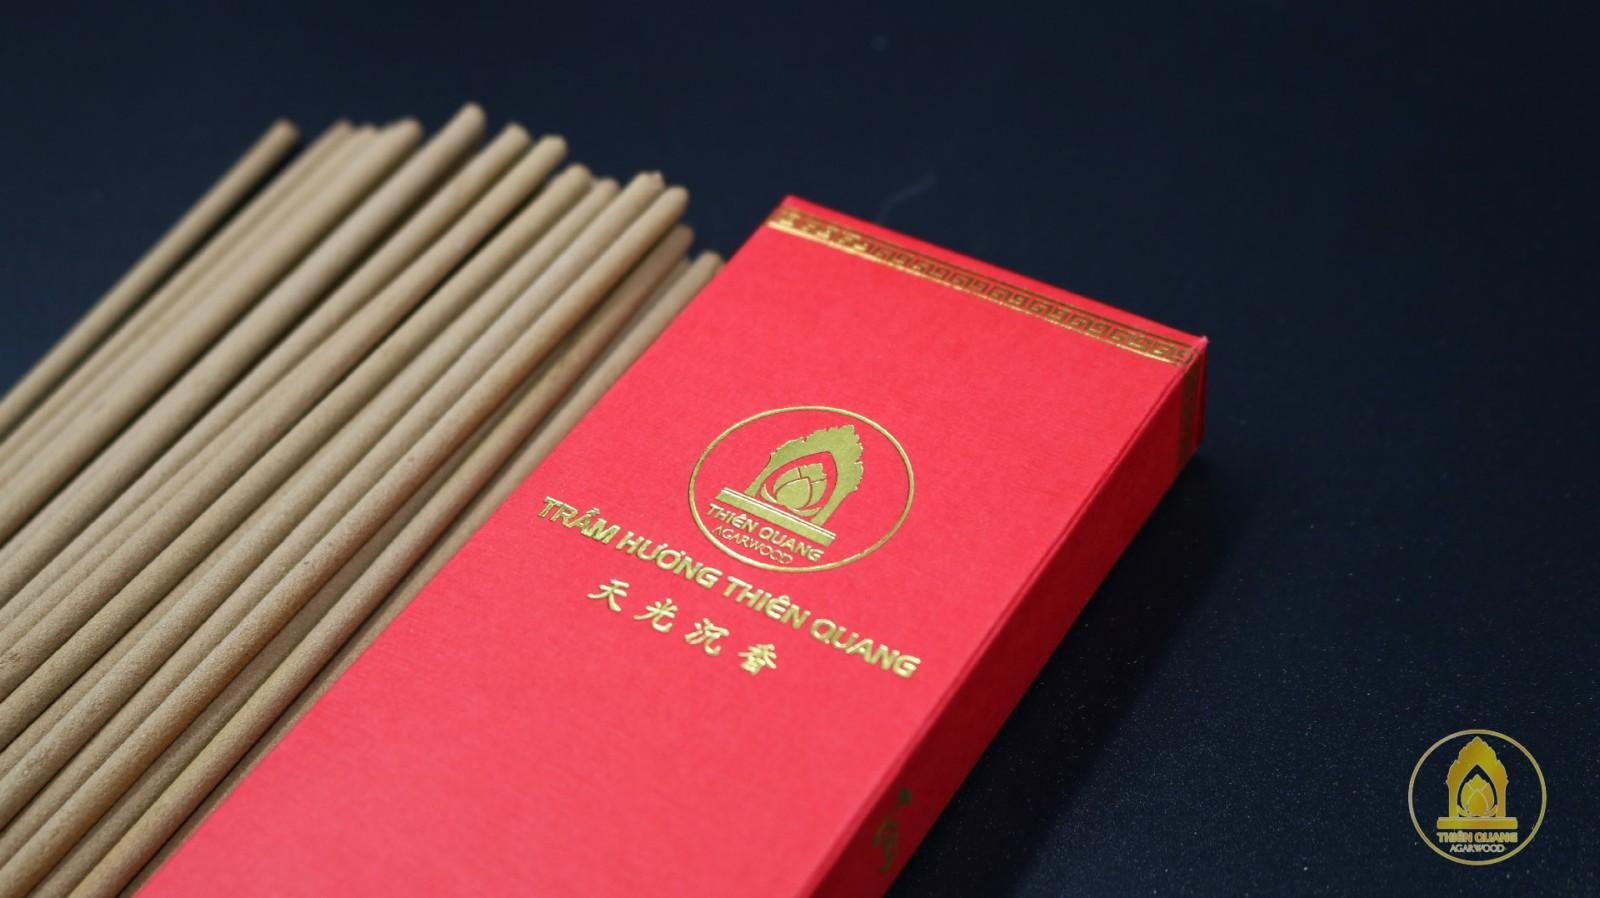 Nhang Trầm Hương Cao Cấp - Trầm Hương Thiên Quang